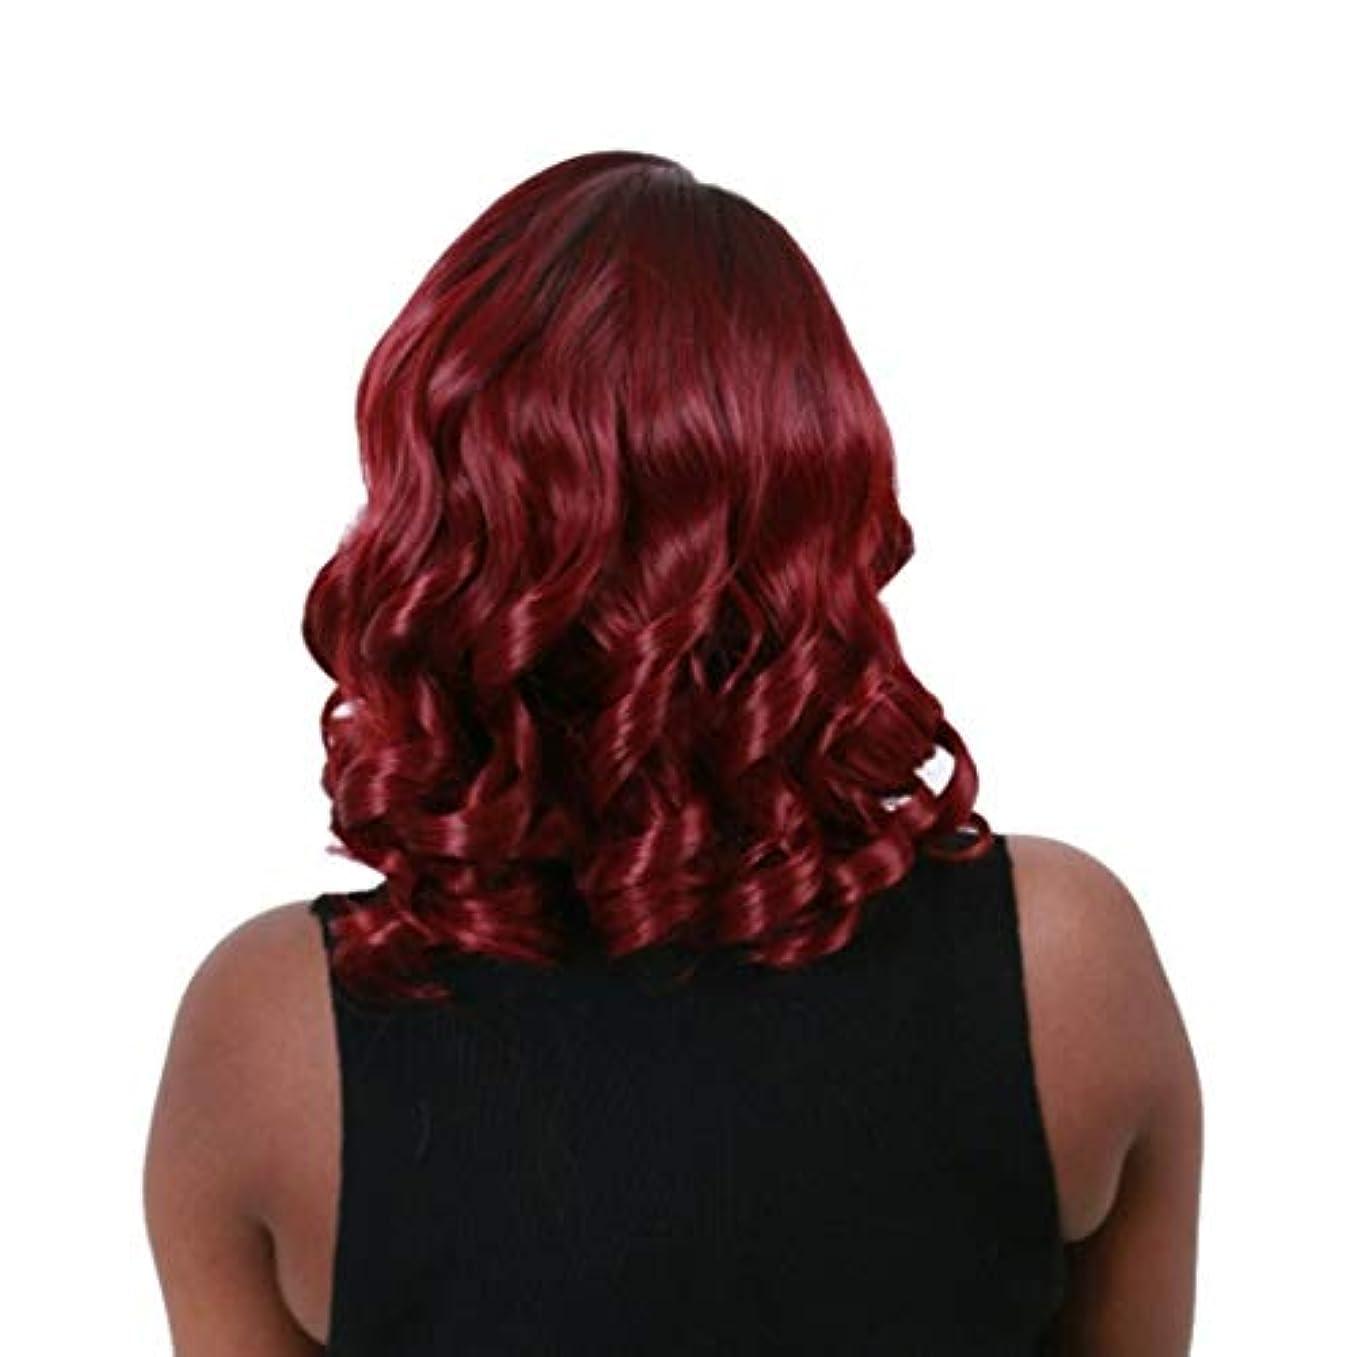 泥だらけ将来の描写Kerwinner かつら女性のための傾斜前髪ショートカーリーヘアーワインレッド高温シルクウィッグ